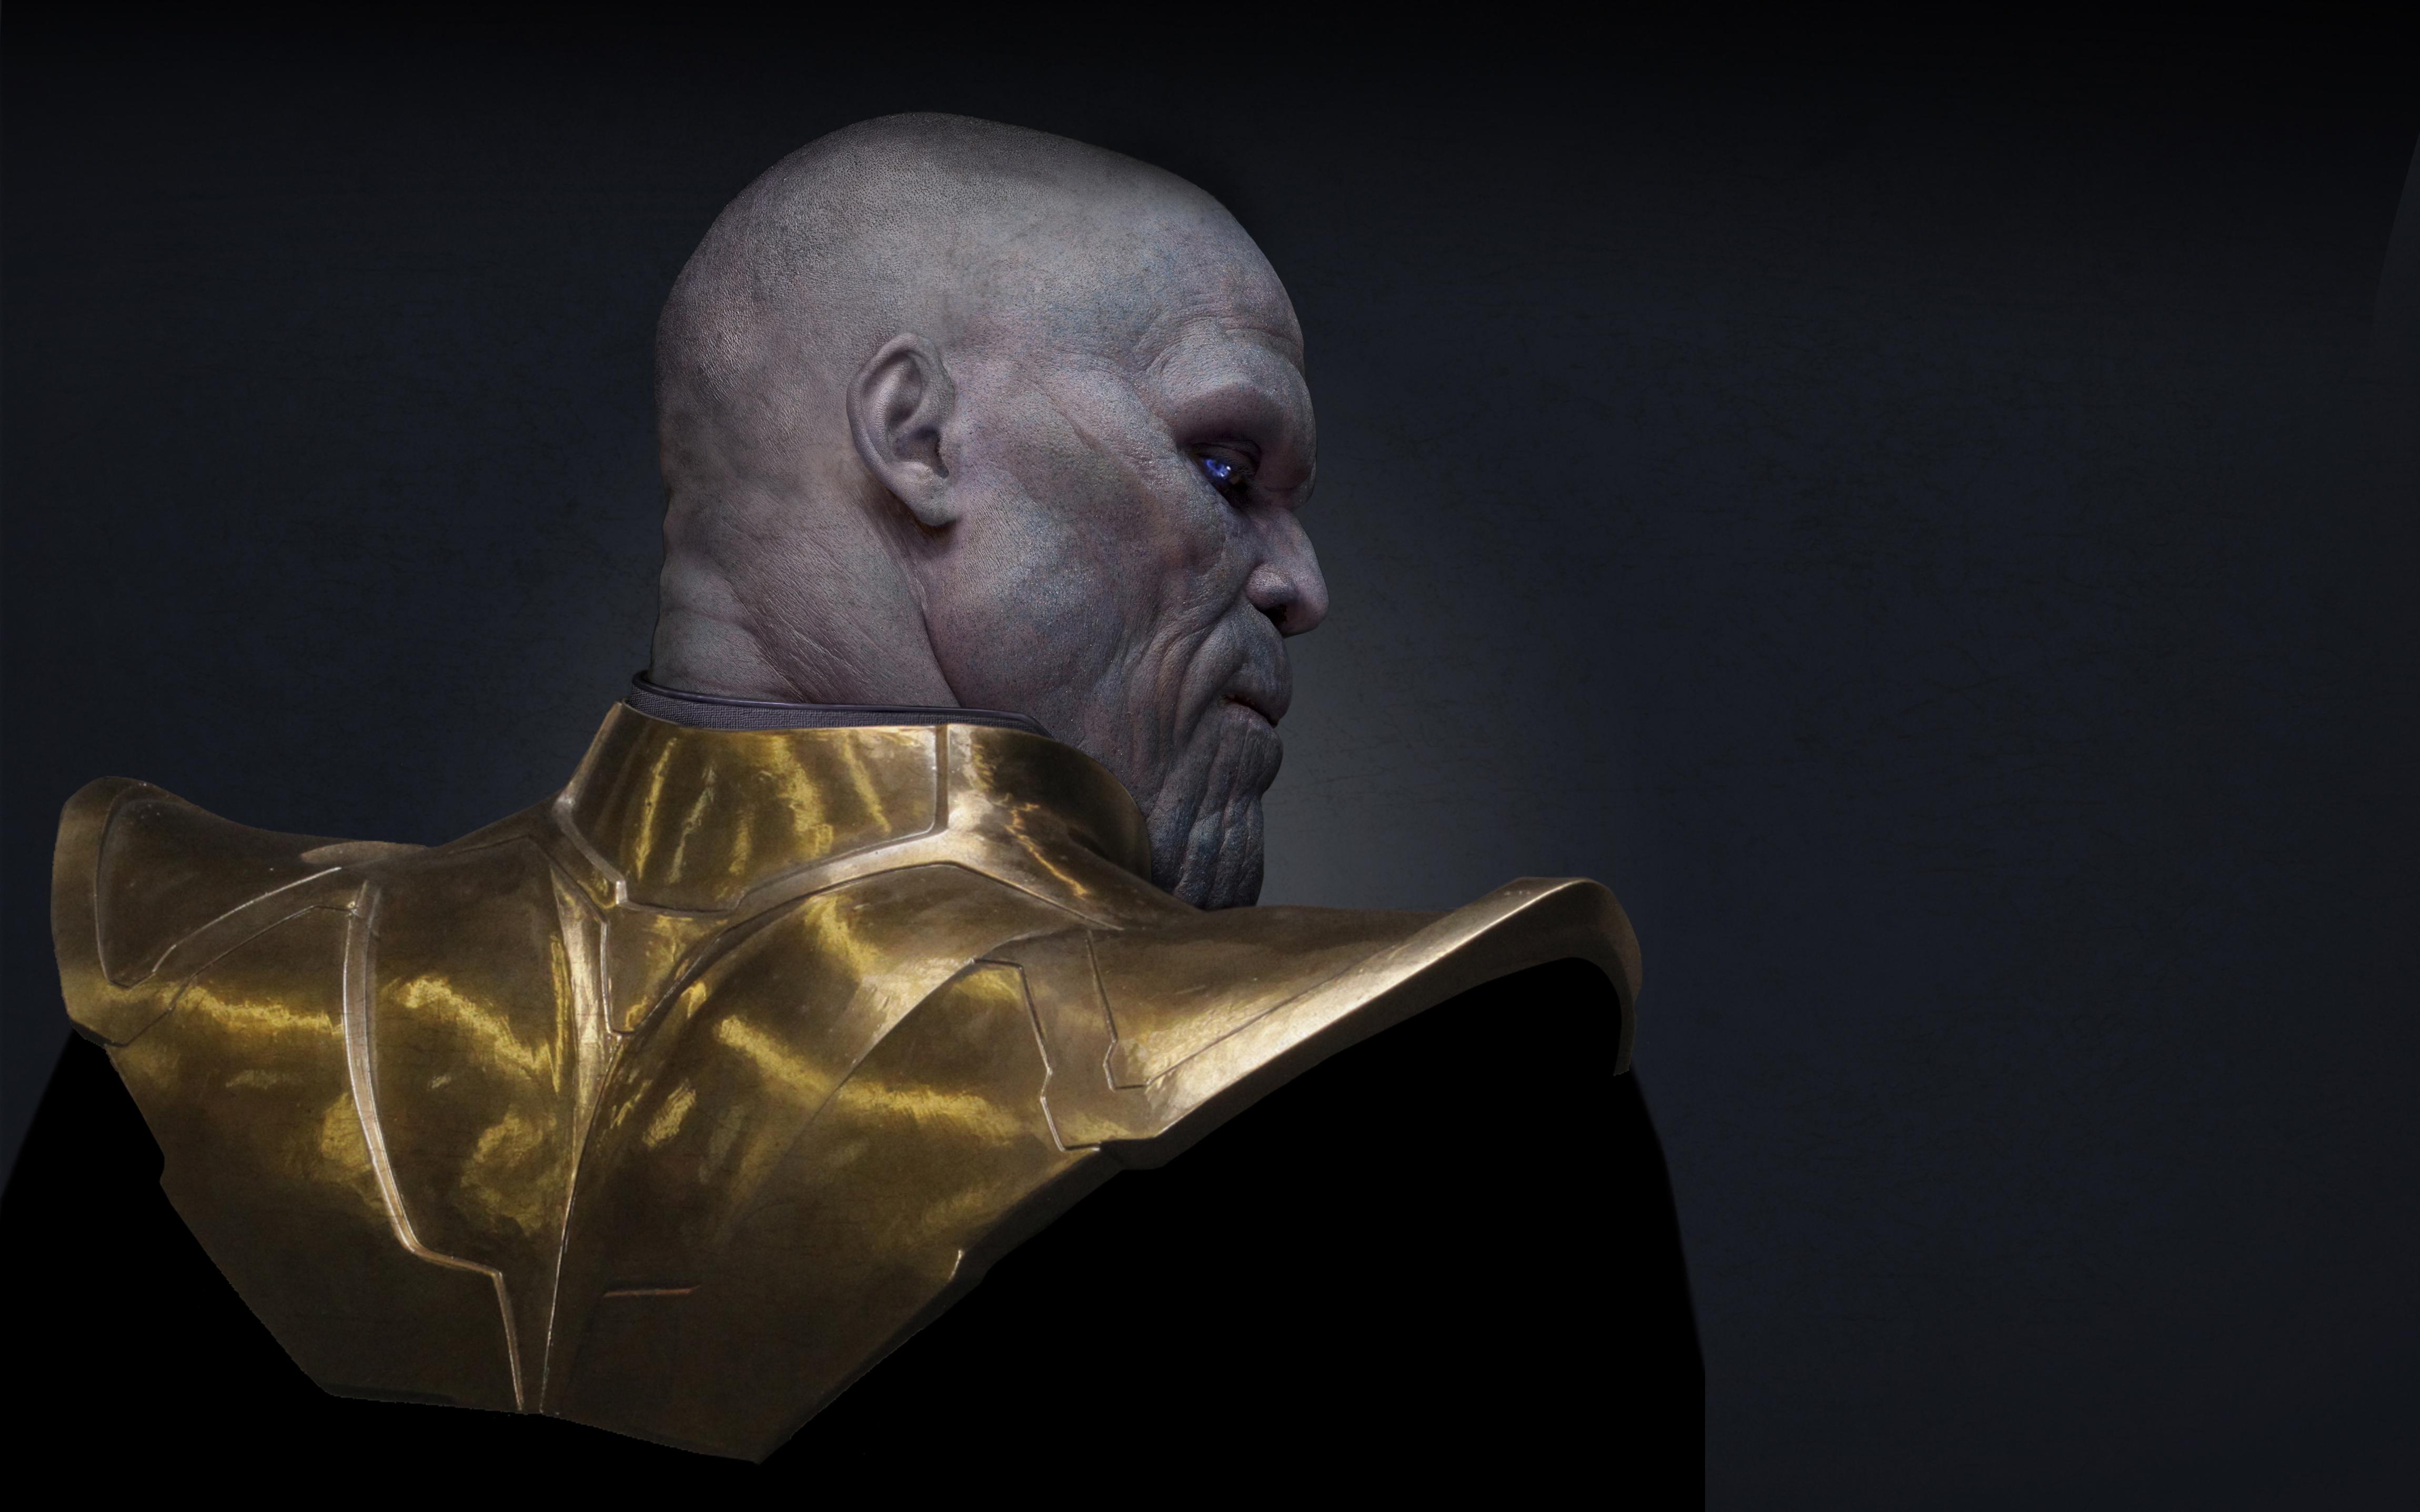 Джош Бролин в роли таноса в мстителях война бесконечности обои скачать